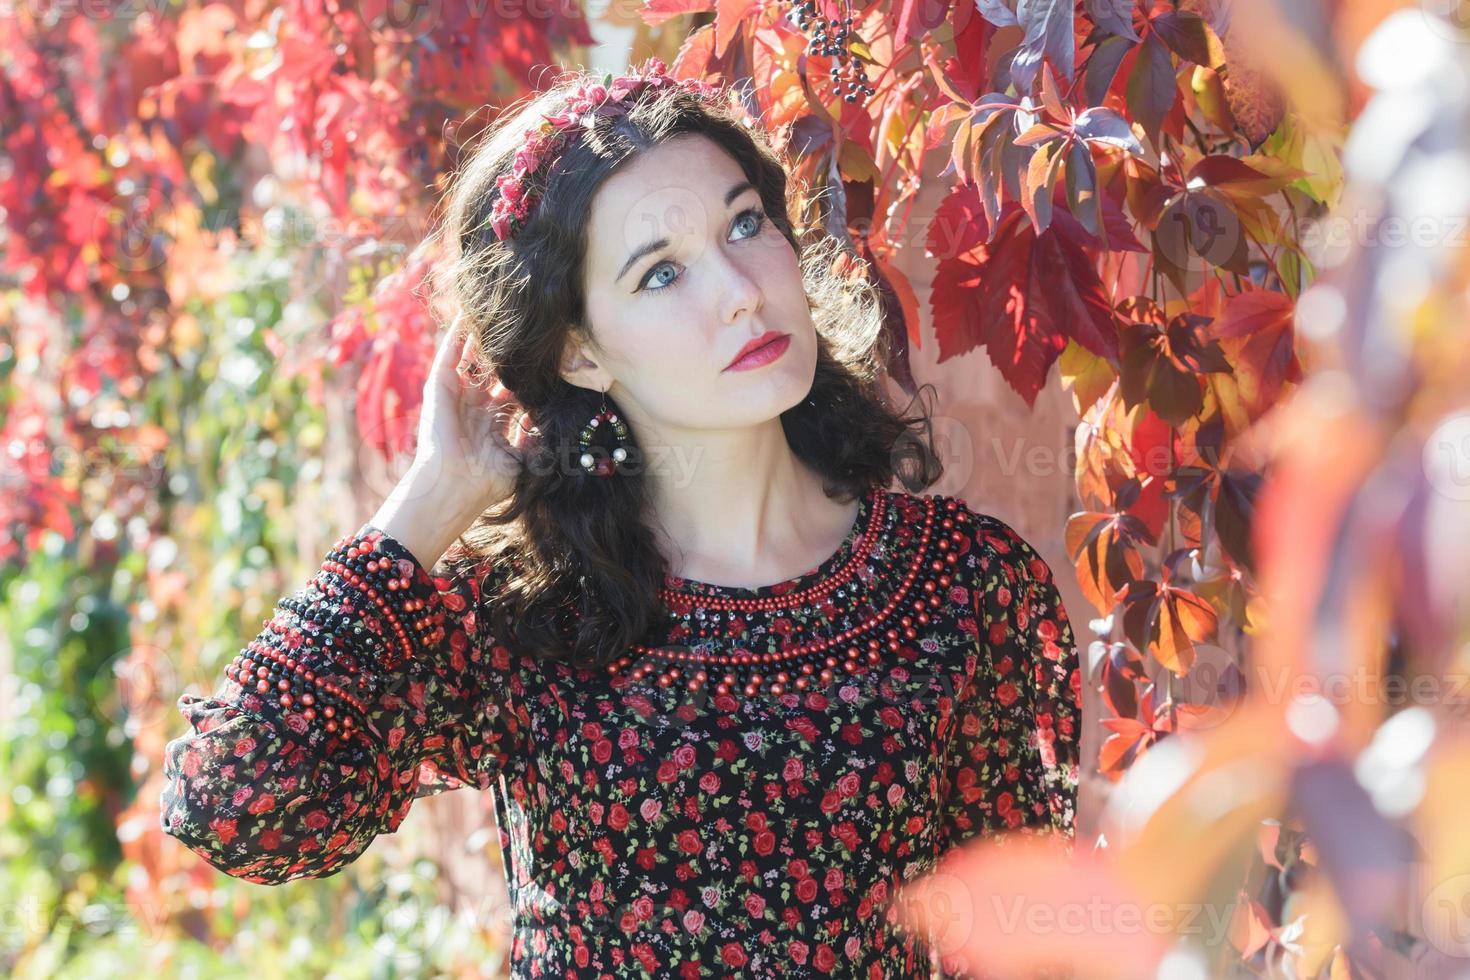 rêverie automne fille avec couronne à fond floral rouge photo